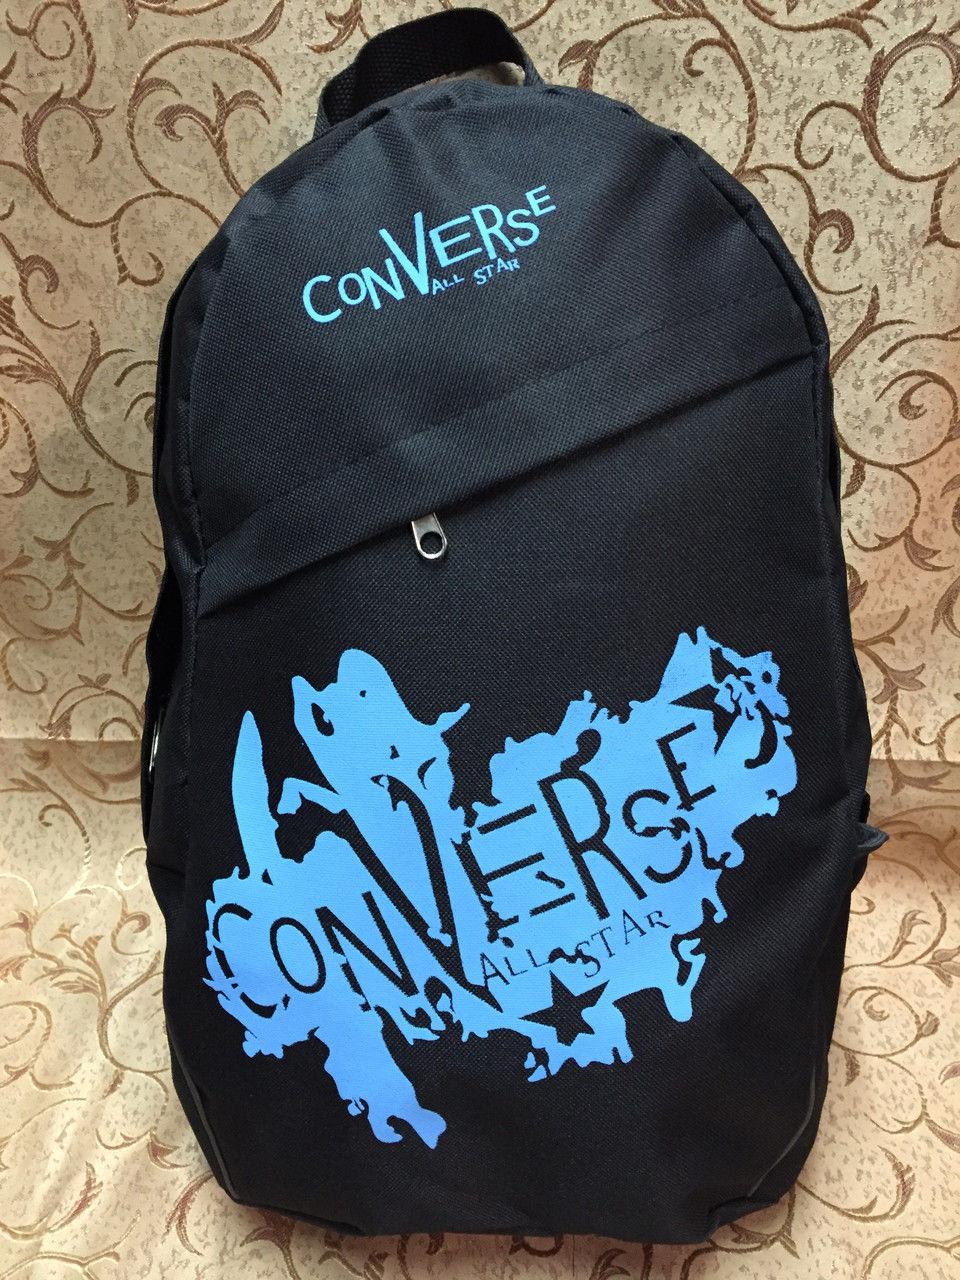 Рюкзак Converse (Конверс), чёрный с голубым ( код: IBR020BL )